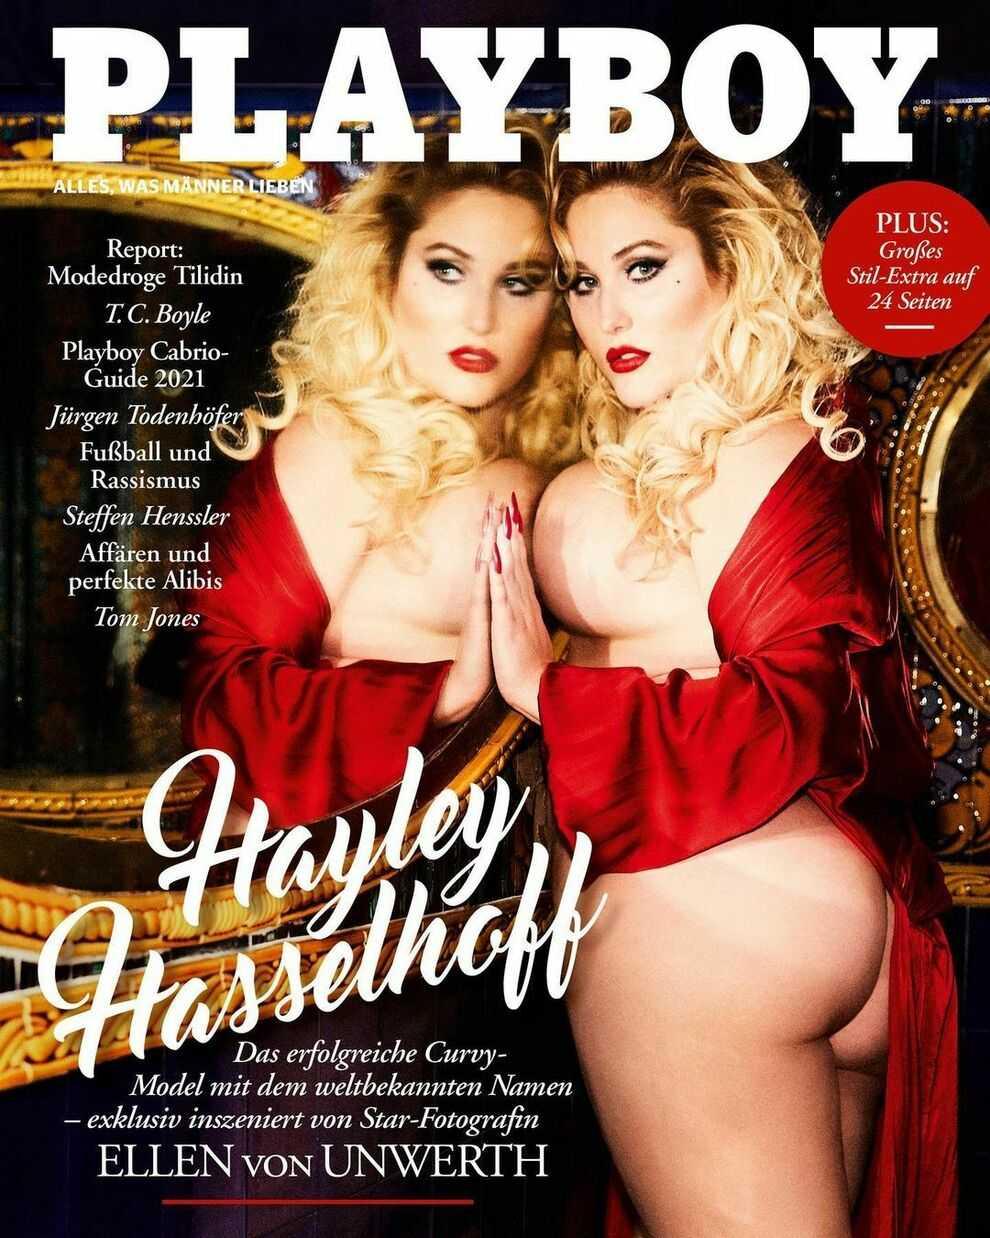 Hayley Hasselhoff è la prima modella curvy a posare per Playboy